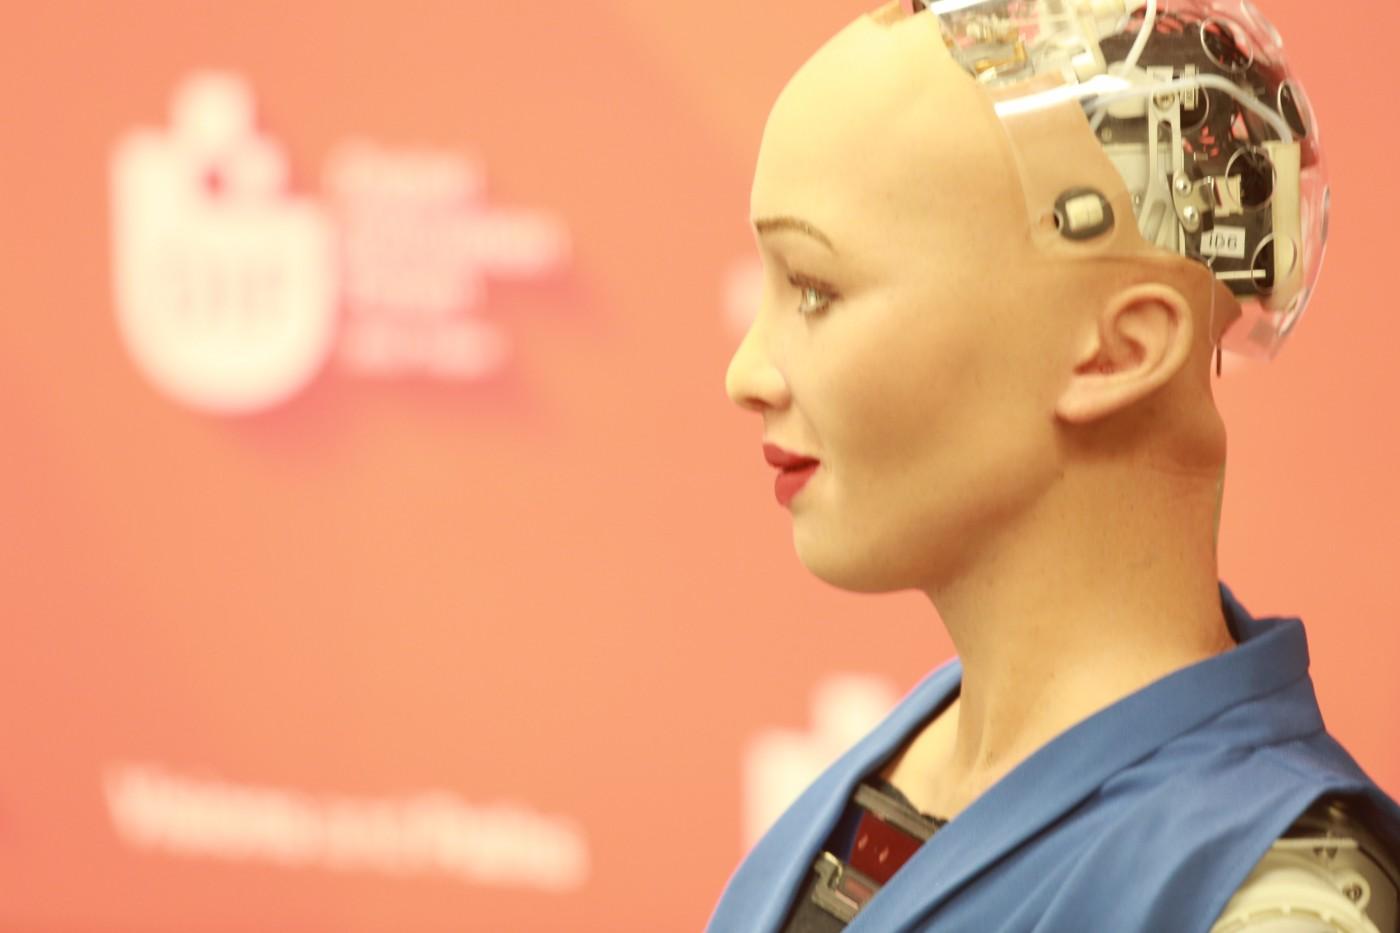 為何外界都好奇蘇菲亞會不會「做夢」?一個關於人工智慧的浪漫想像